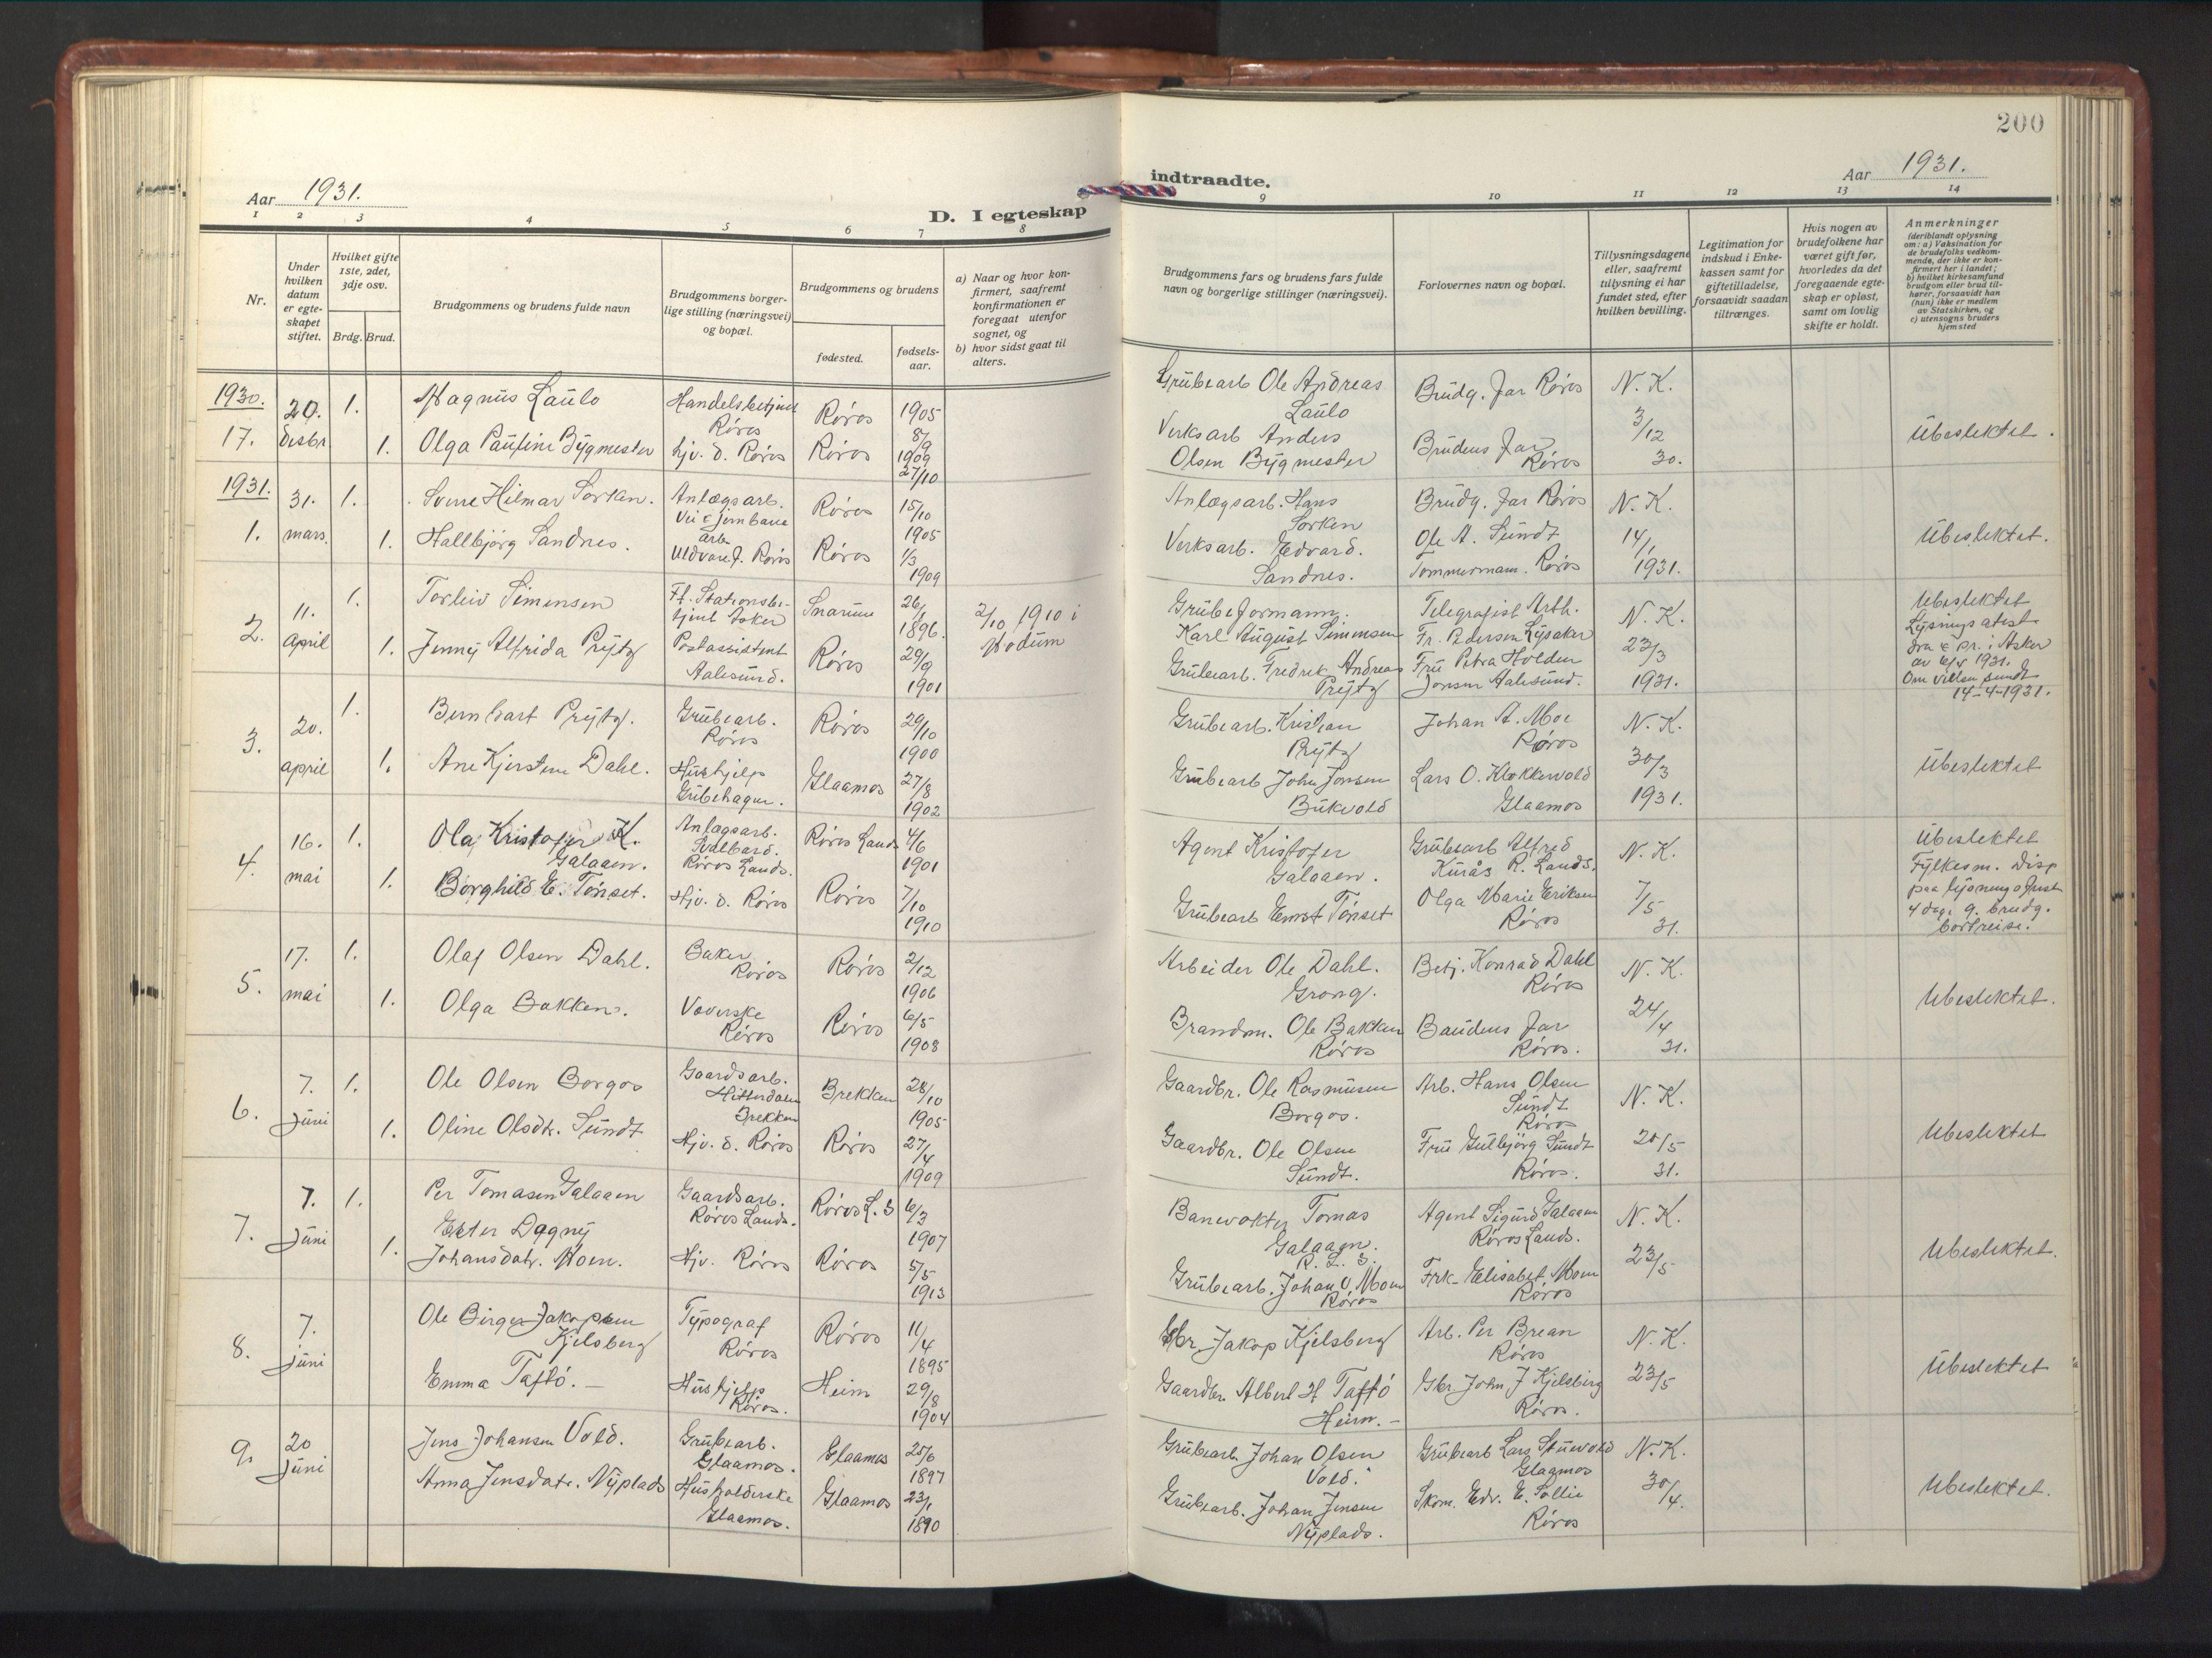 SAT, Ministerialprotokoller, klokkerbøker og fødselsregistre - Sør-Trøndelag, 681/L0943: Klokkerbok nr. 681C07, 1926-1954, s. 200